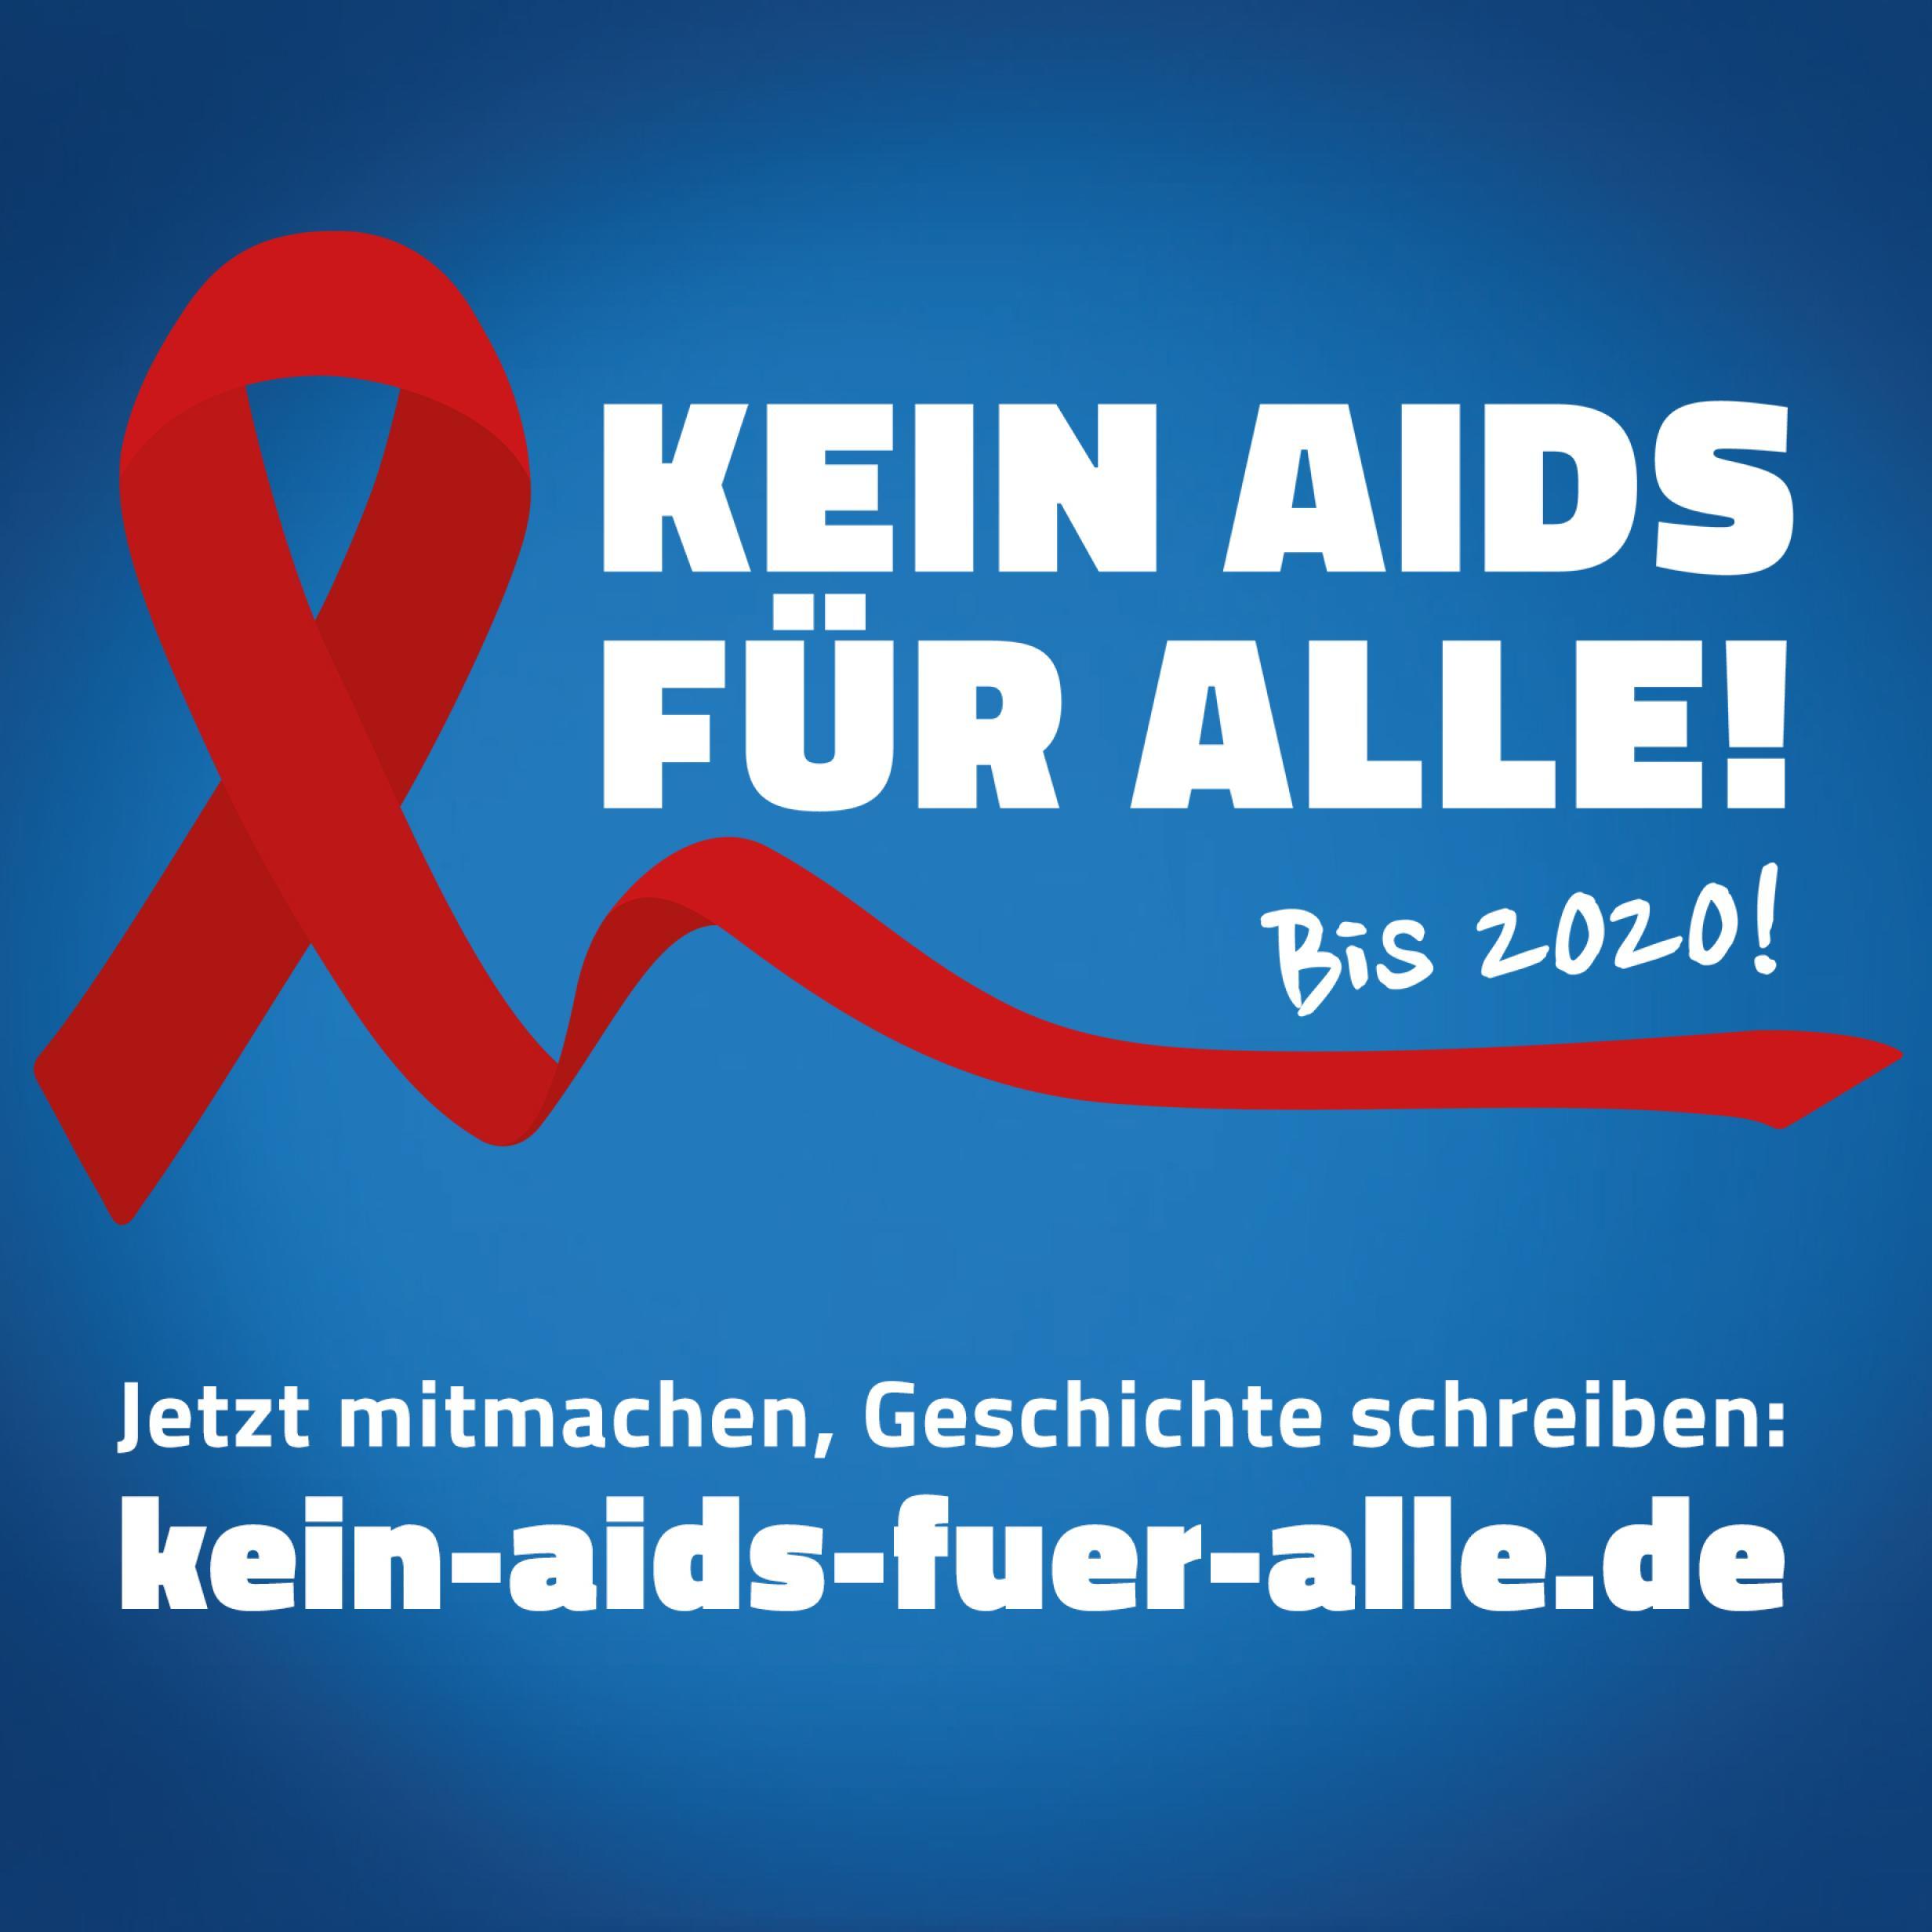 Rote Schleife auf blauem Hintergrund, dazu der Text: Kein Aids für alle! Bis 2020! Jetzt mitmachen, Geschichte schreiben: kein-aids-fuer-alle.de